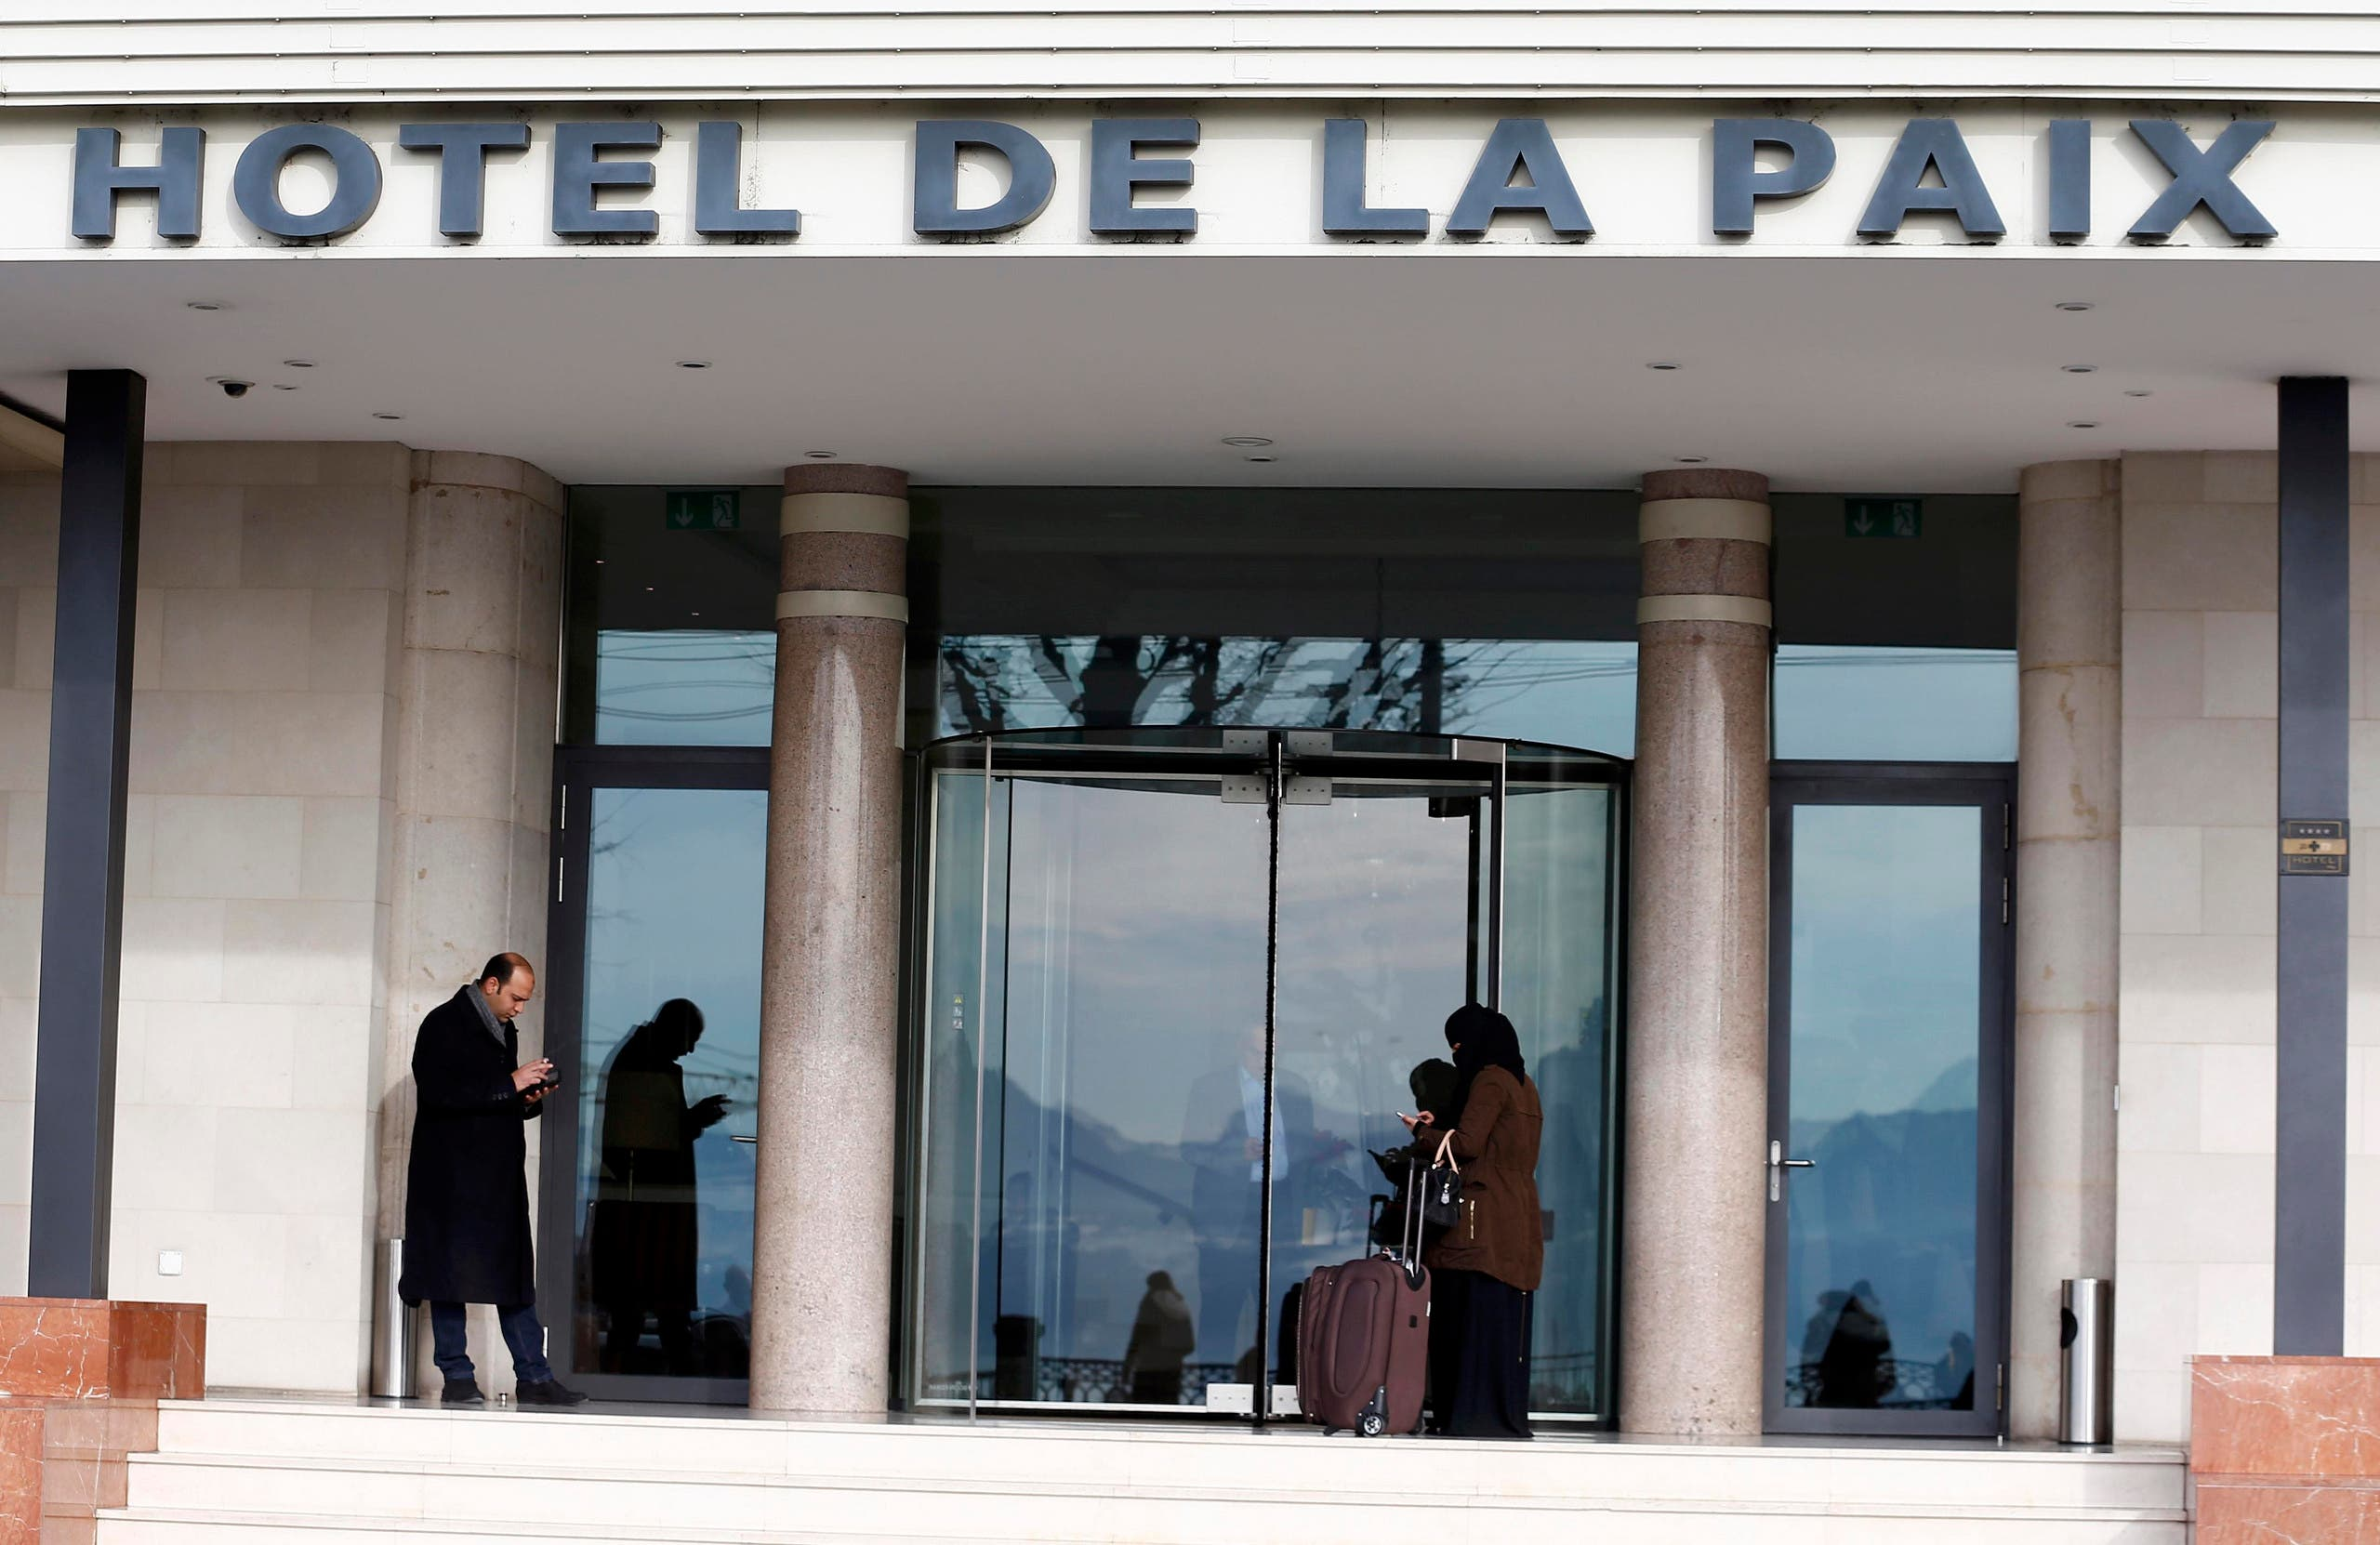 hotel de la paix reuters